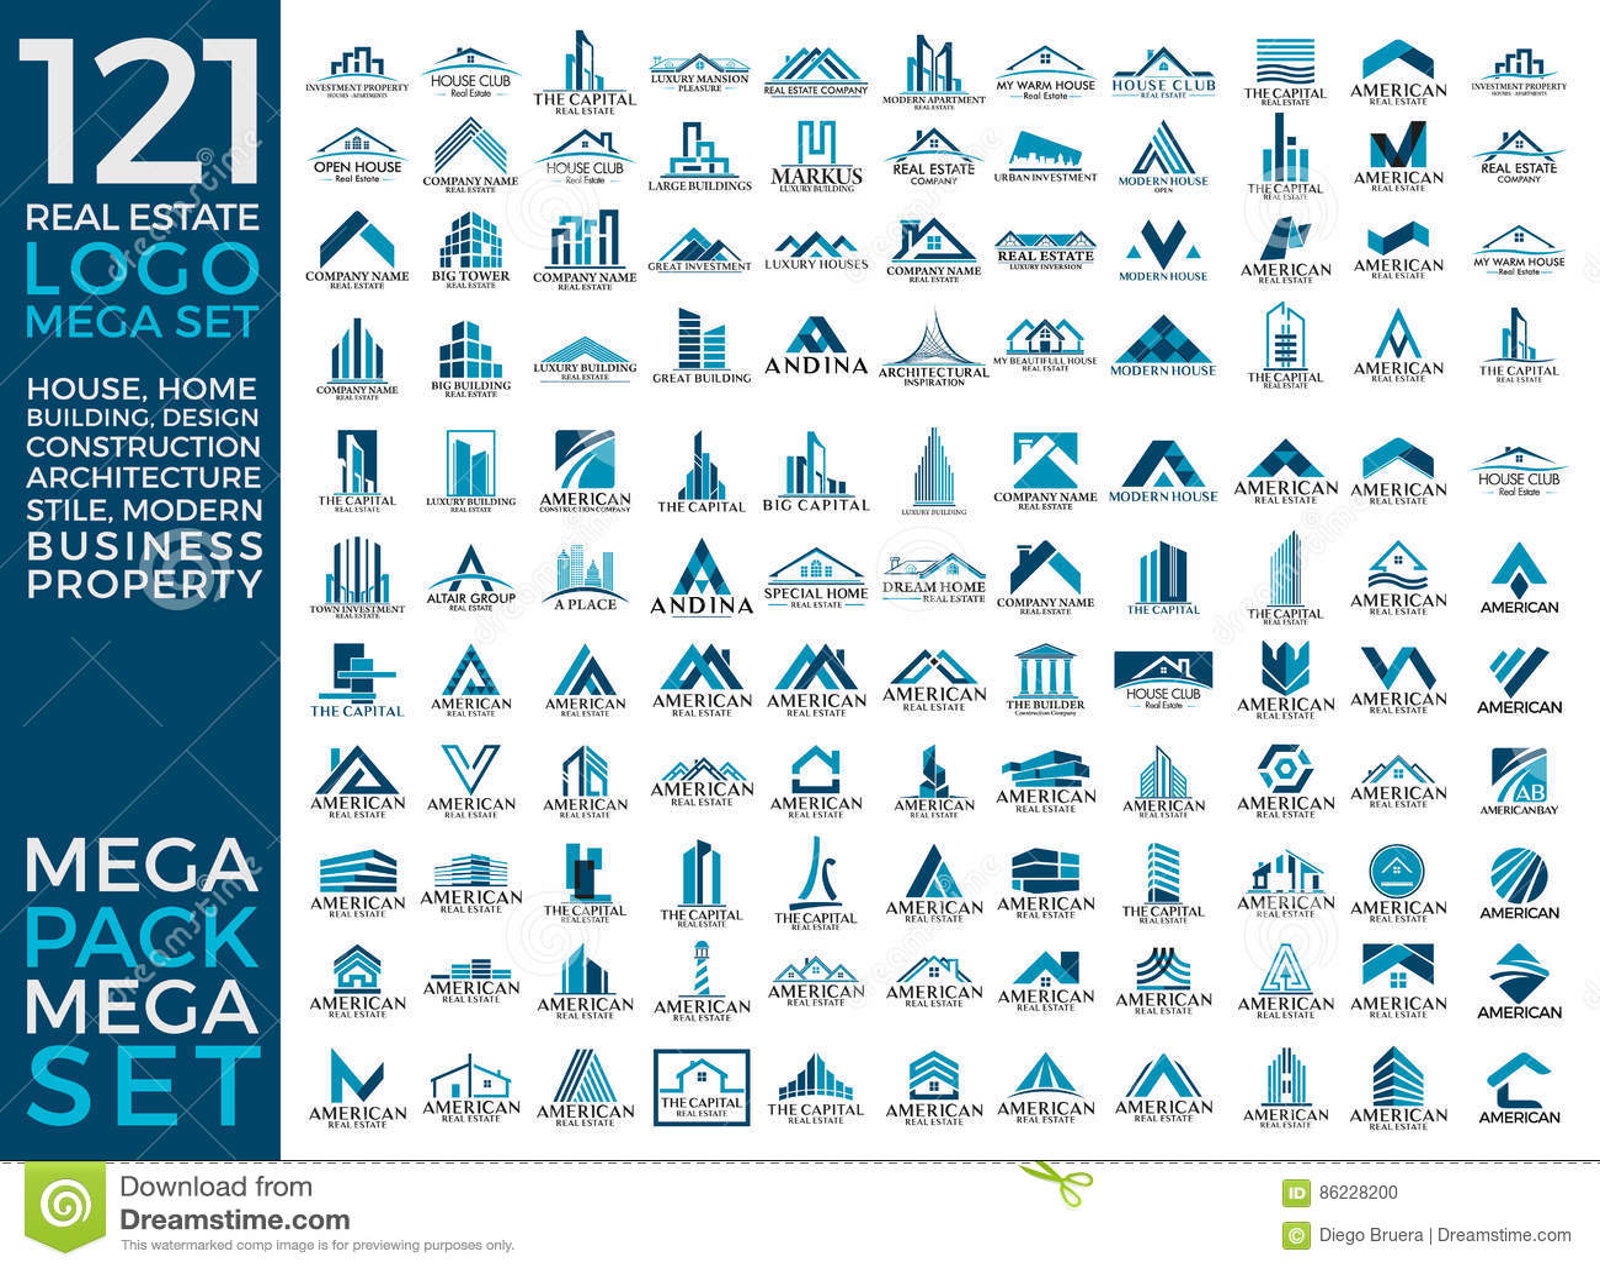 Мега комплект и большой дизайн вектора логотипа группы, недвижимости, здания и конструкции